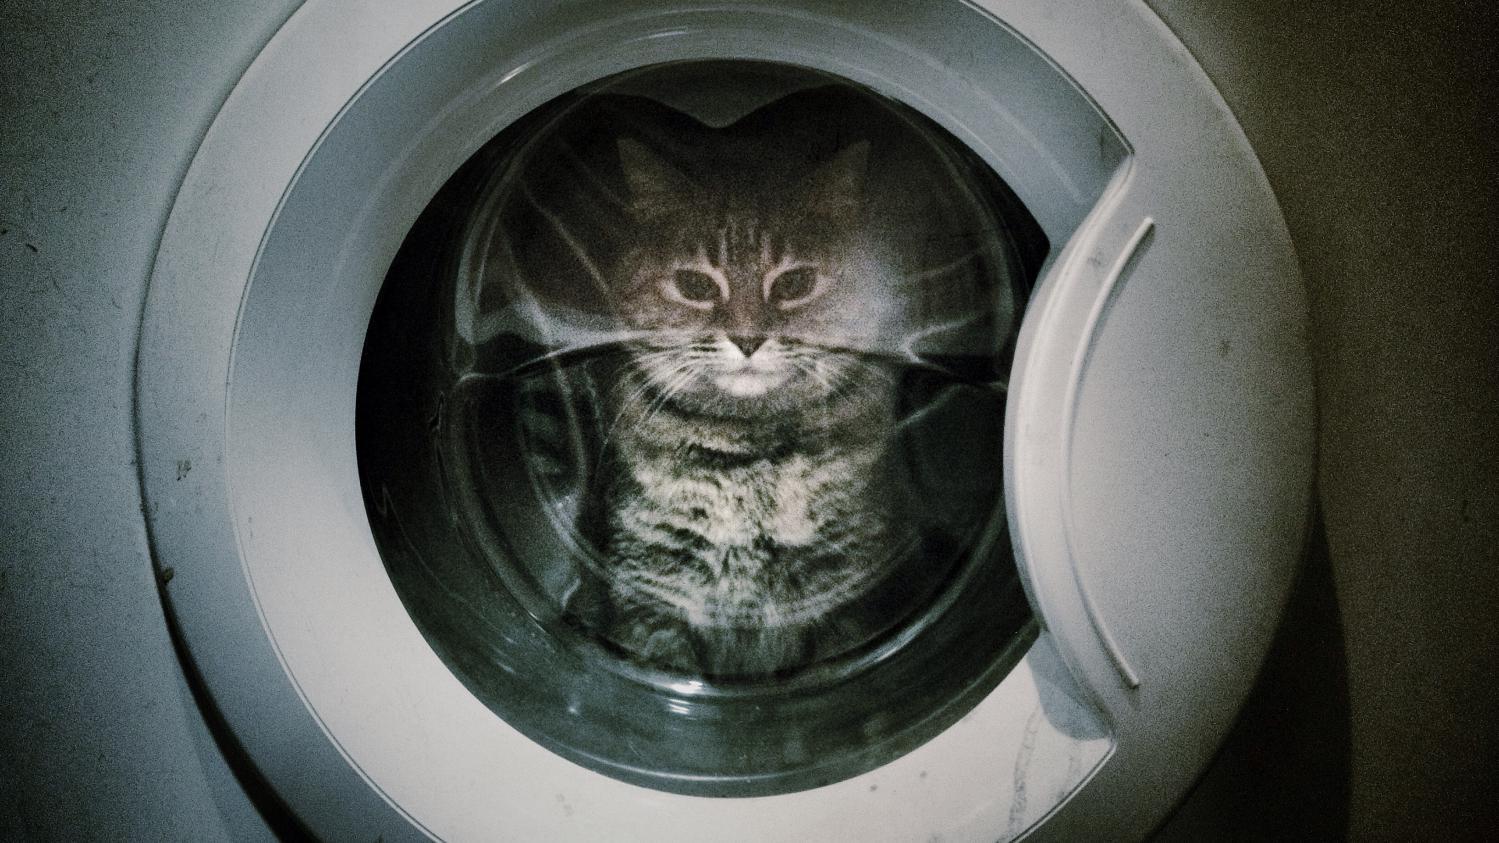 un chat survit deux heures de lavage la machine. Black Bedroom Furniture Sets. Home Design Ideas